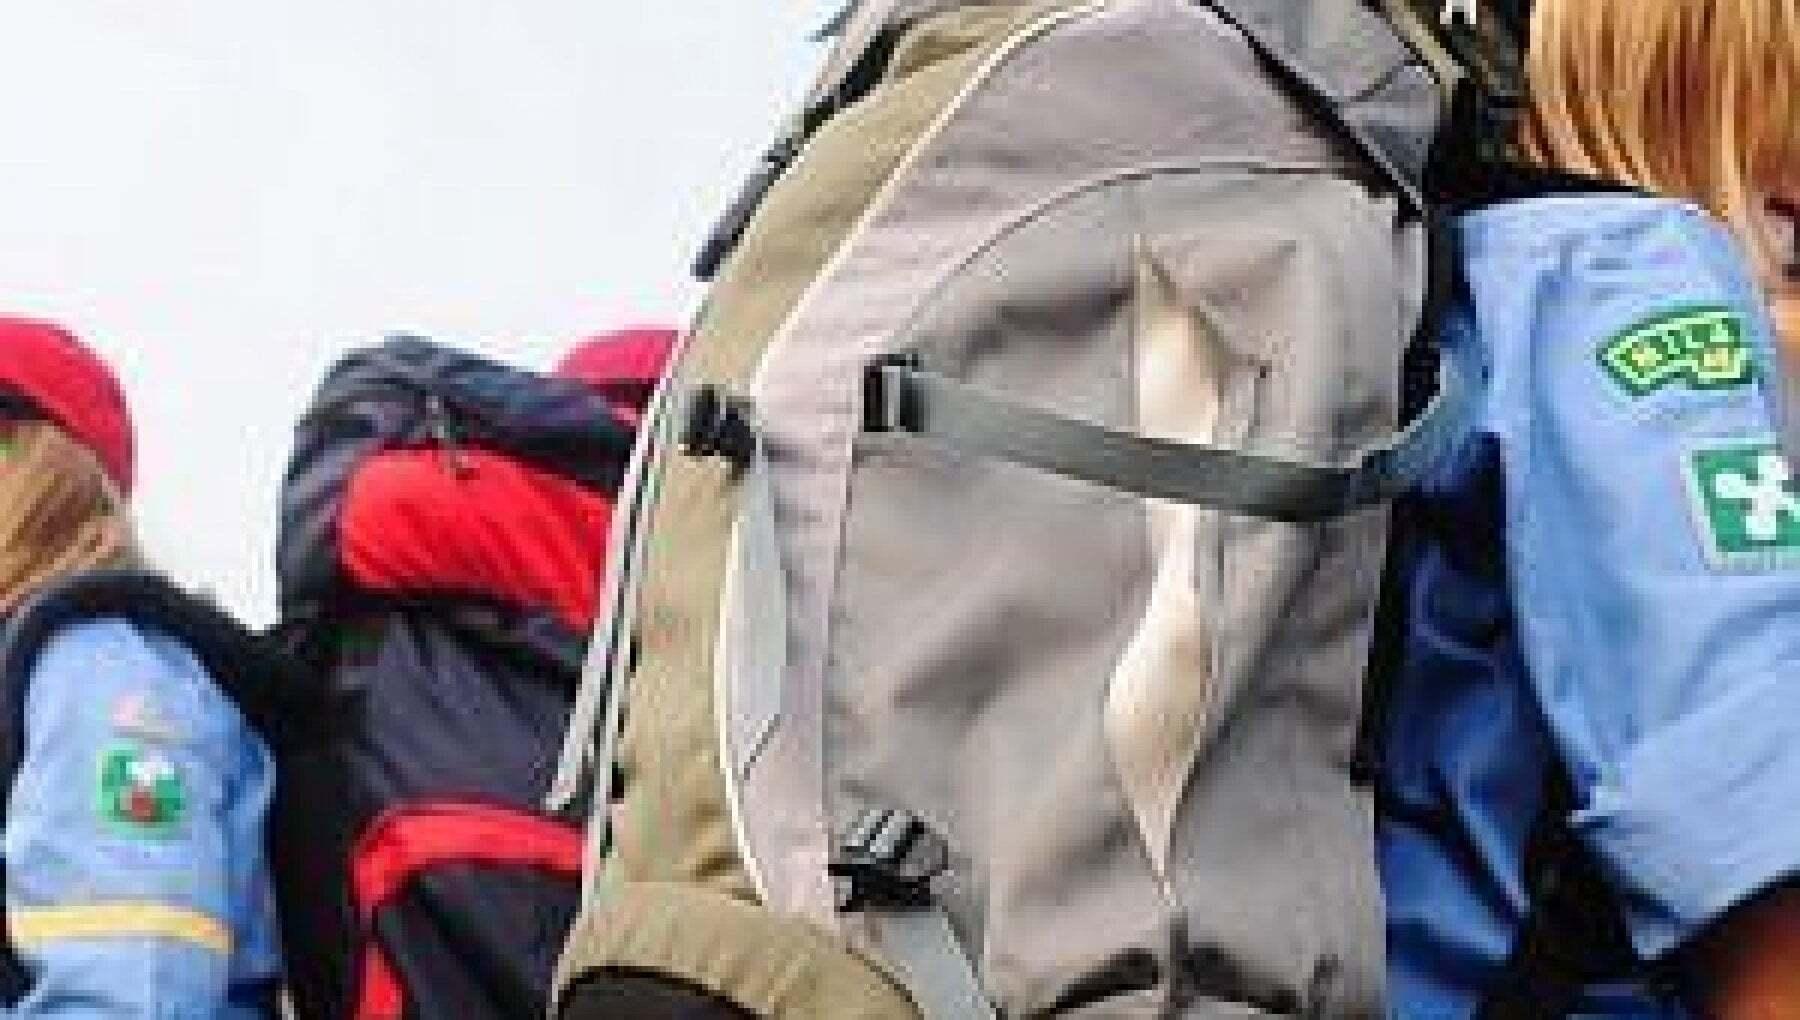 Alpi Carniche 14 scout in balia del temporale a 2110 metri di altezza salvati dallelisoccorso